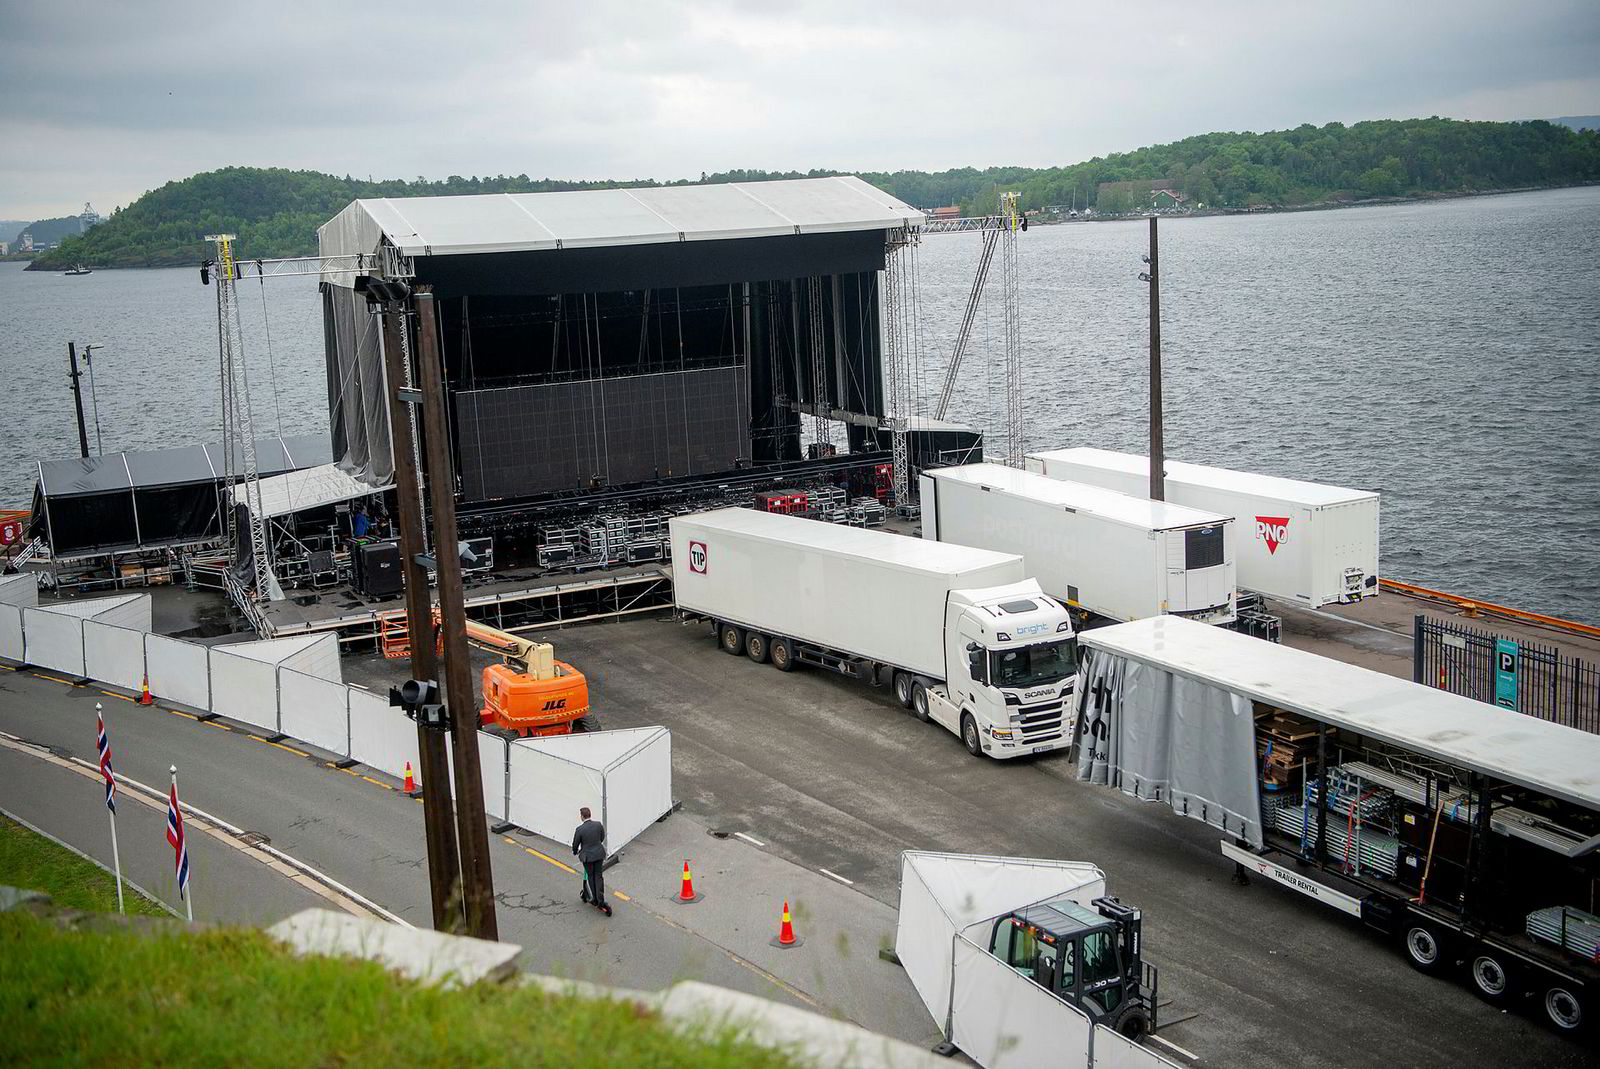 Viking Cruises har avlyst skipsdåpen, men likevel rigges det til konsert på Søndre Akershuskai nedenfor festningen.